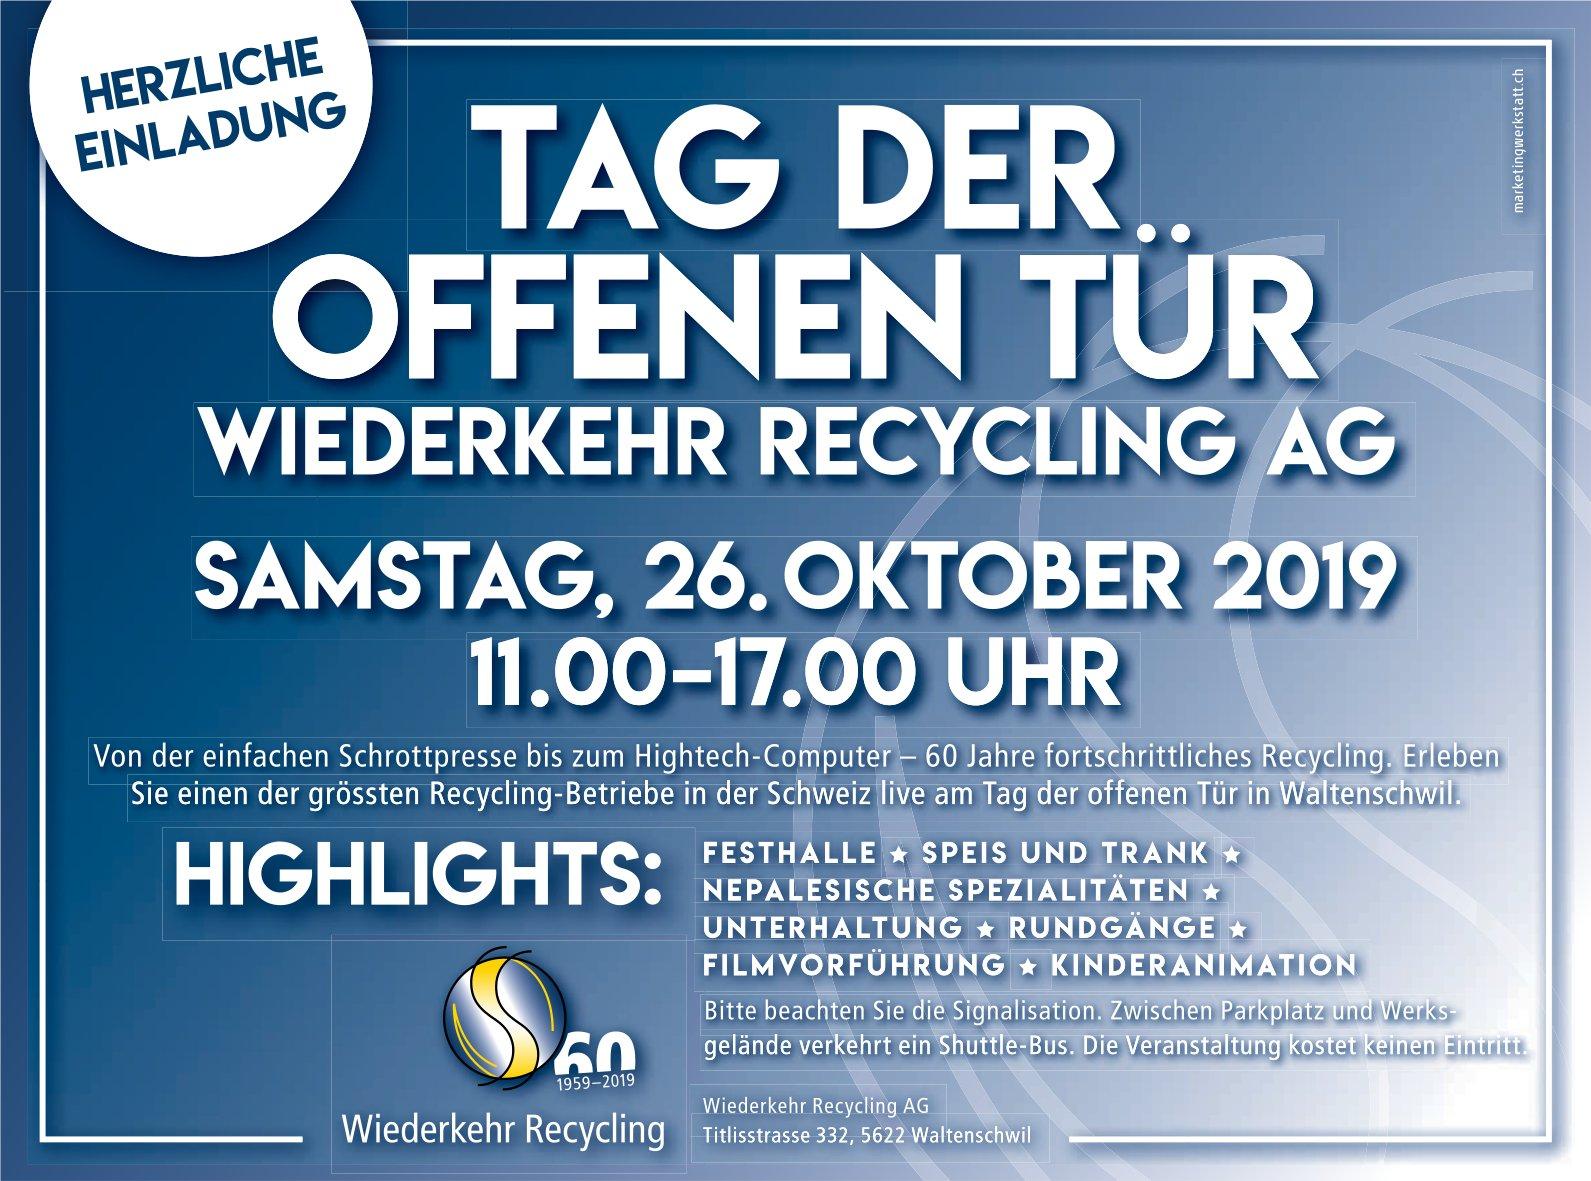 Tag der offenen Tür am 26. Oktober bei Wiederkehr Recycling AG